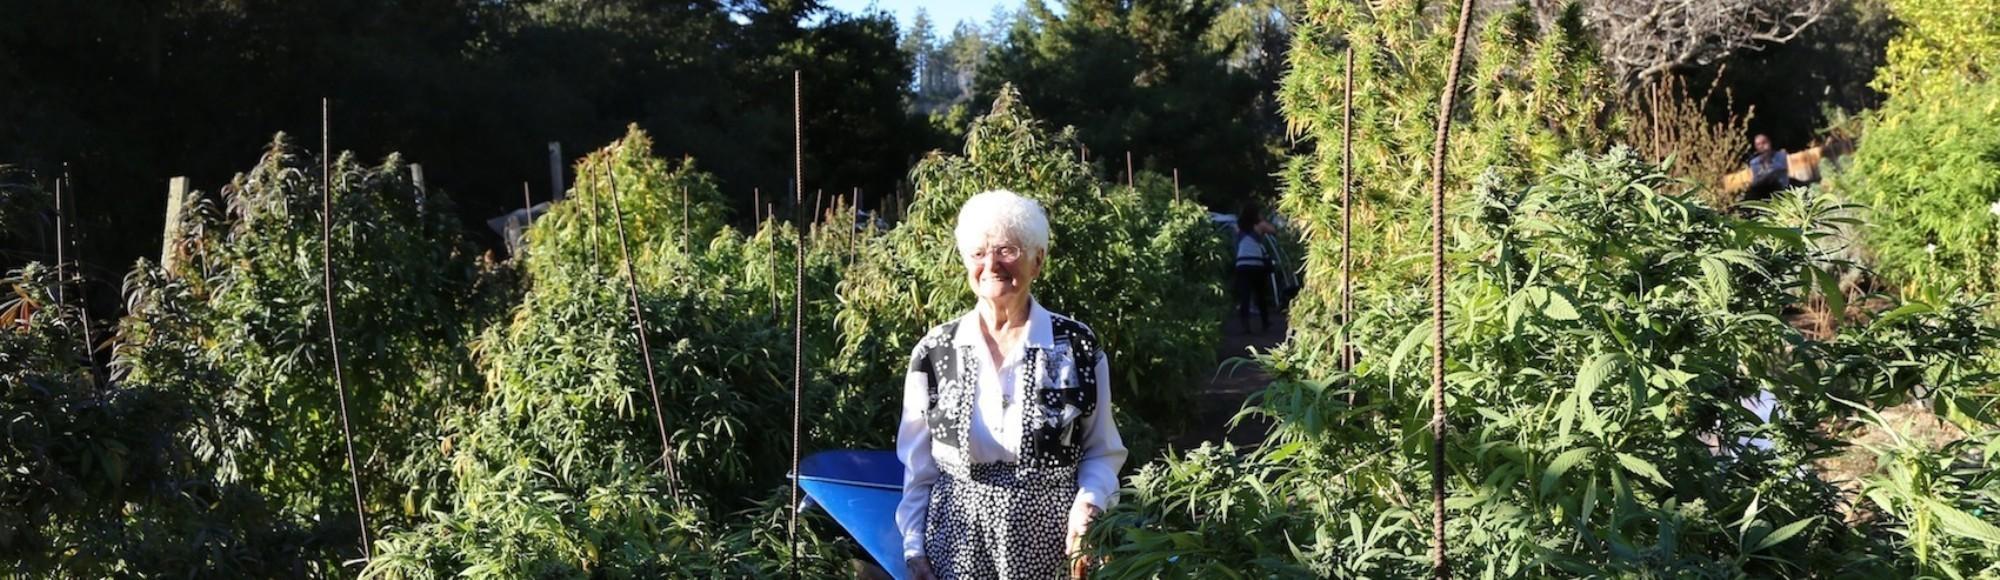 La abuela 'cocinitas' de cannabis